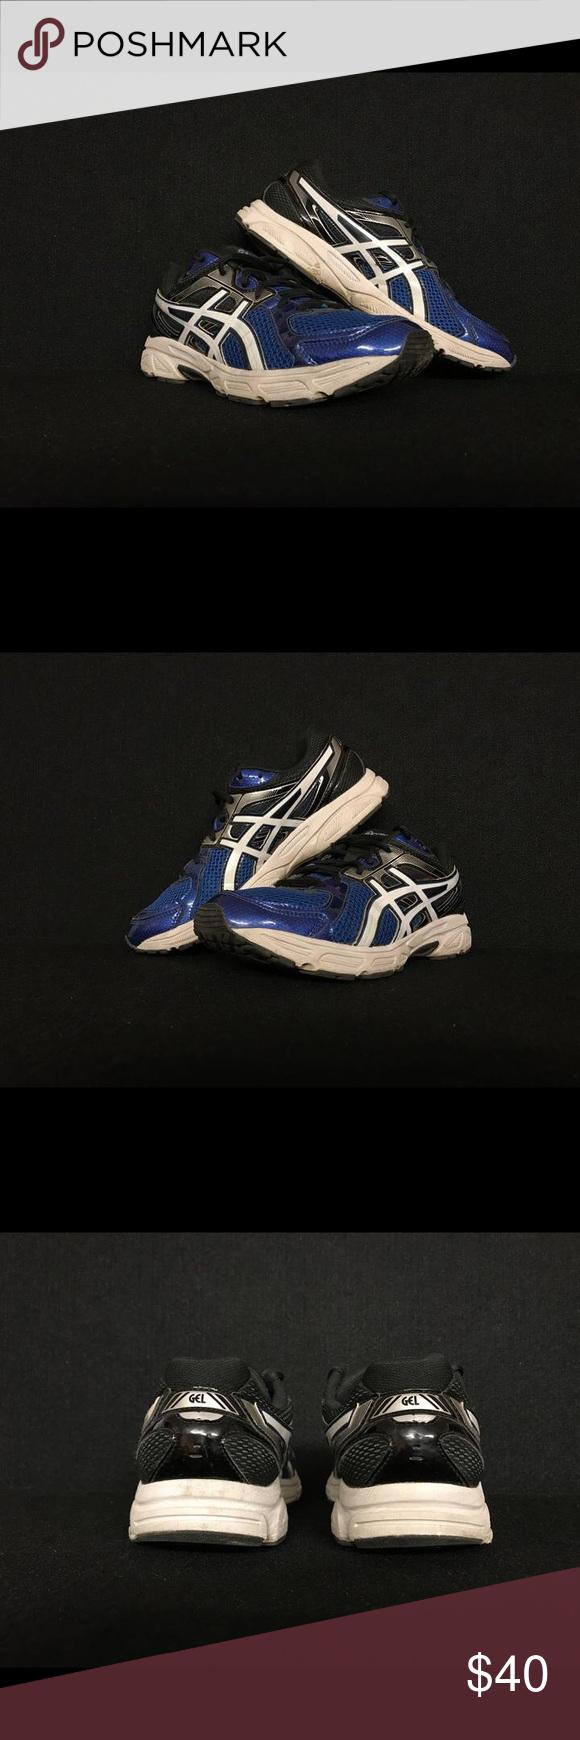 Asics Gel chaussures Contend Men en Ces chaussures sont en forme Ces étonnante! 2cc4f6b - radicalfrugality.info